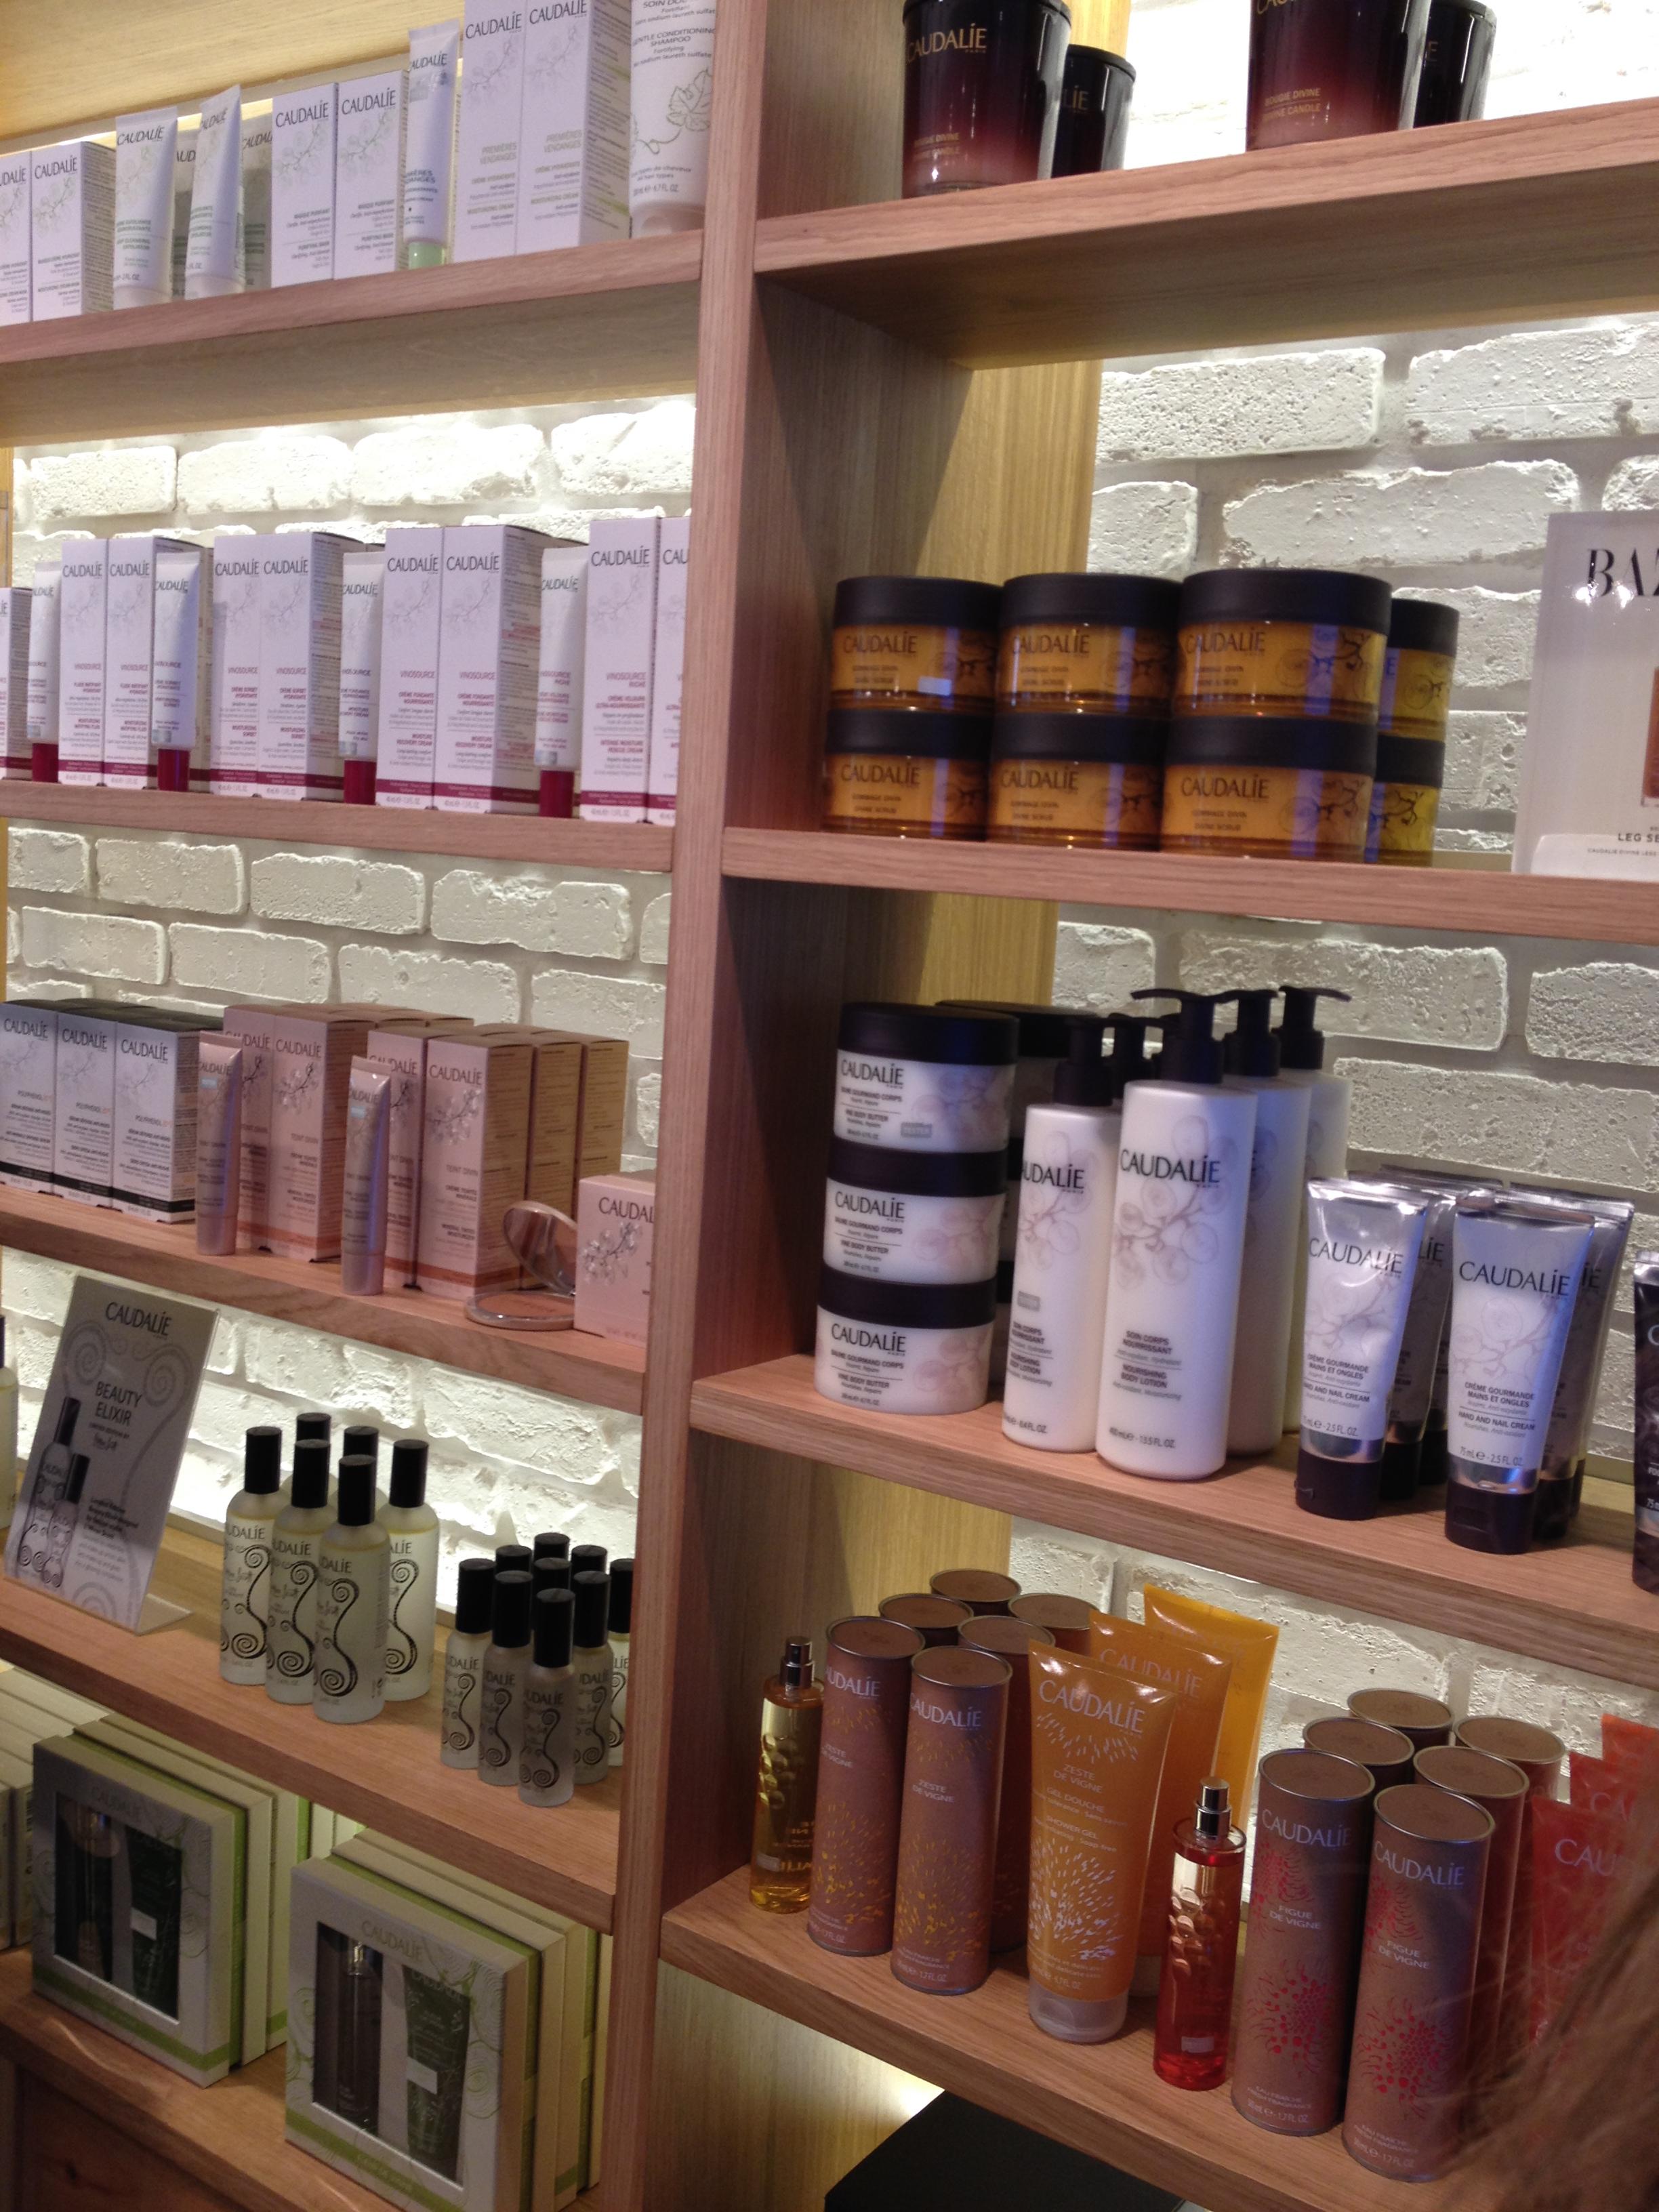 Boutique Spa, Londres, Reino Unido - Uñas, Belleza y Masaje